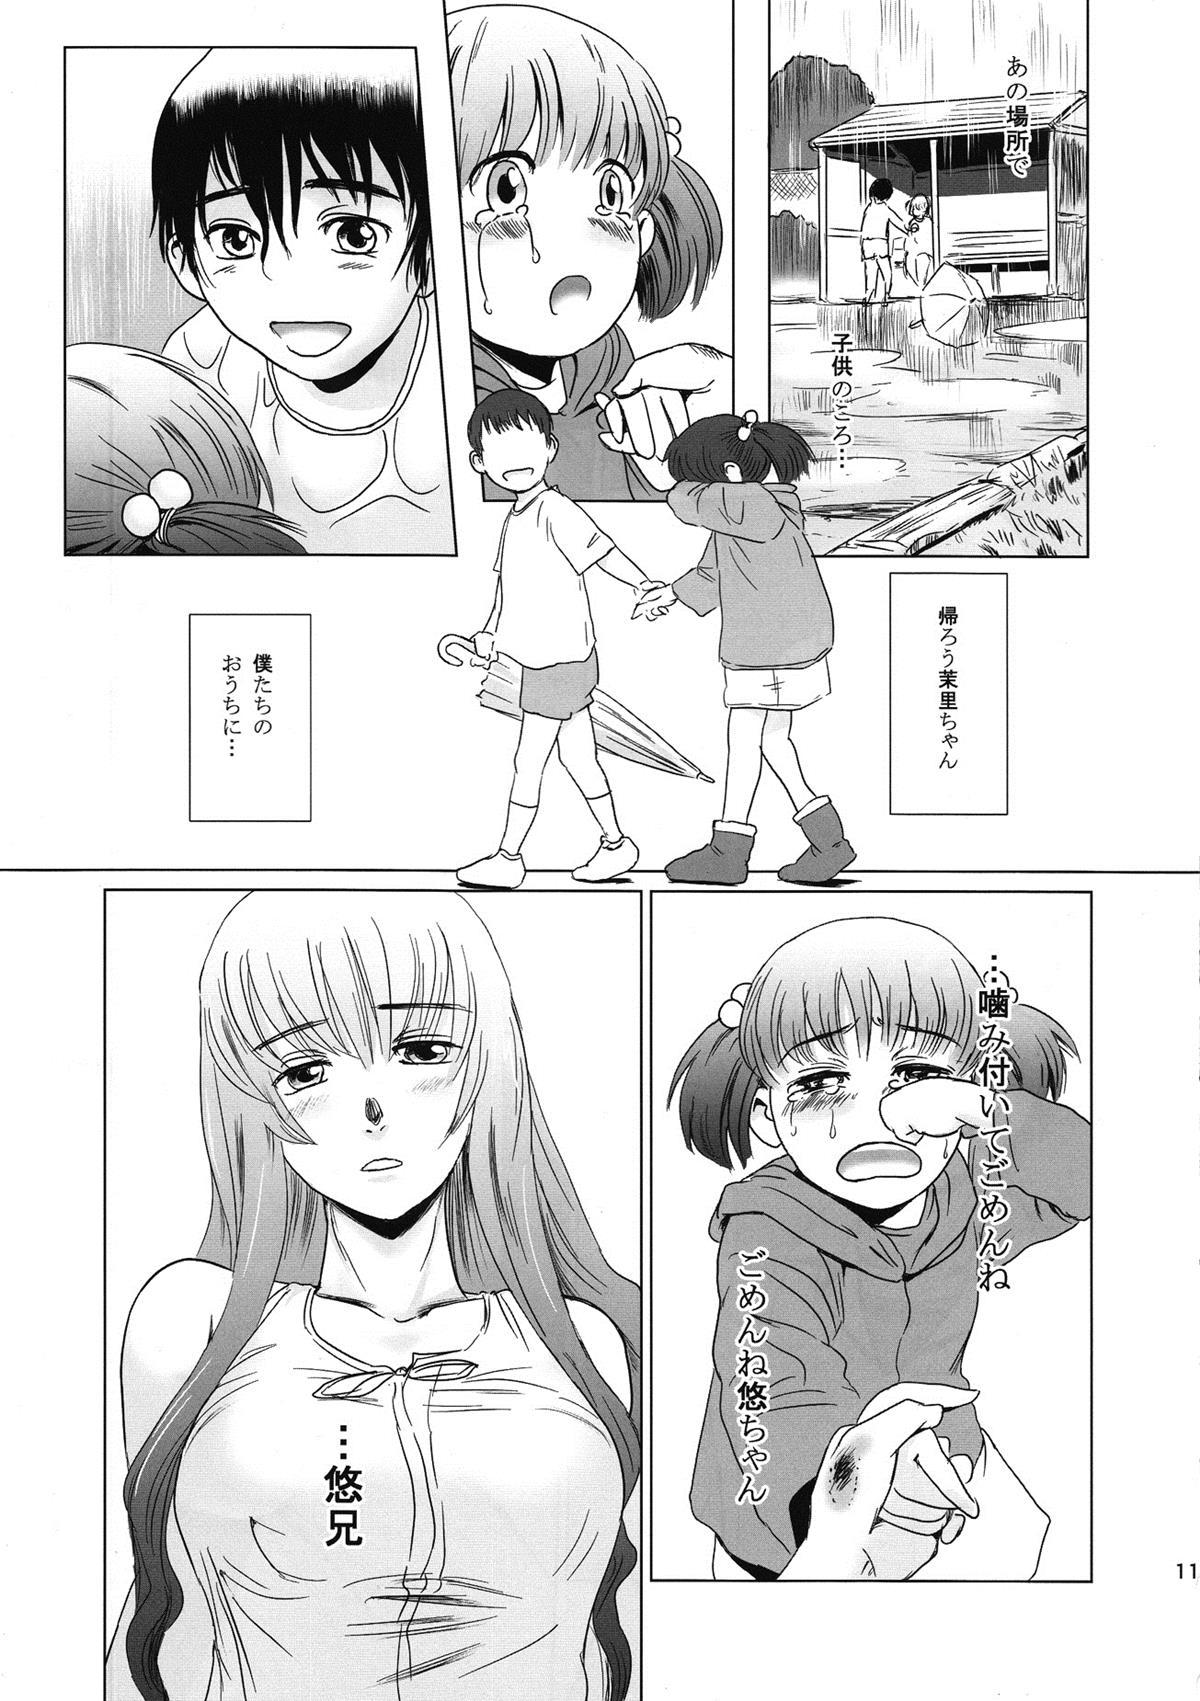 【エロ漫画・エロ同人】巨乳妹が他の男とエッチしてるのを知った兄が街を探してる間に妹は兄を忘れる為にセックスしまくってるwラブホ出て兄と会った妹が・・・ (10)